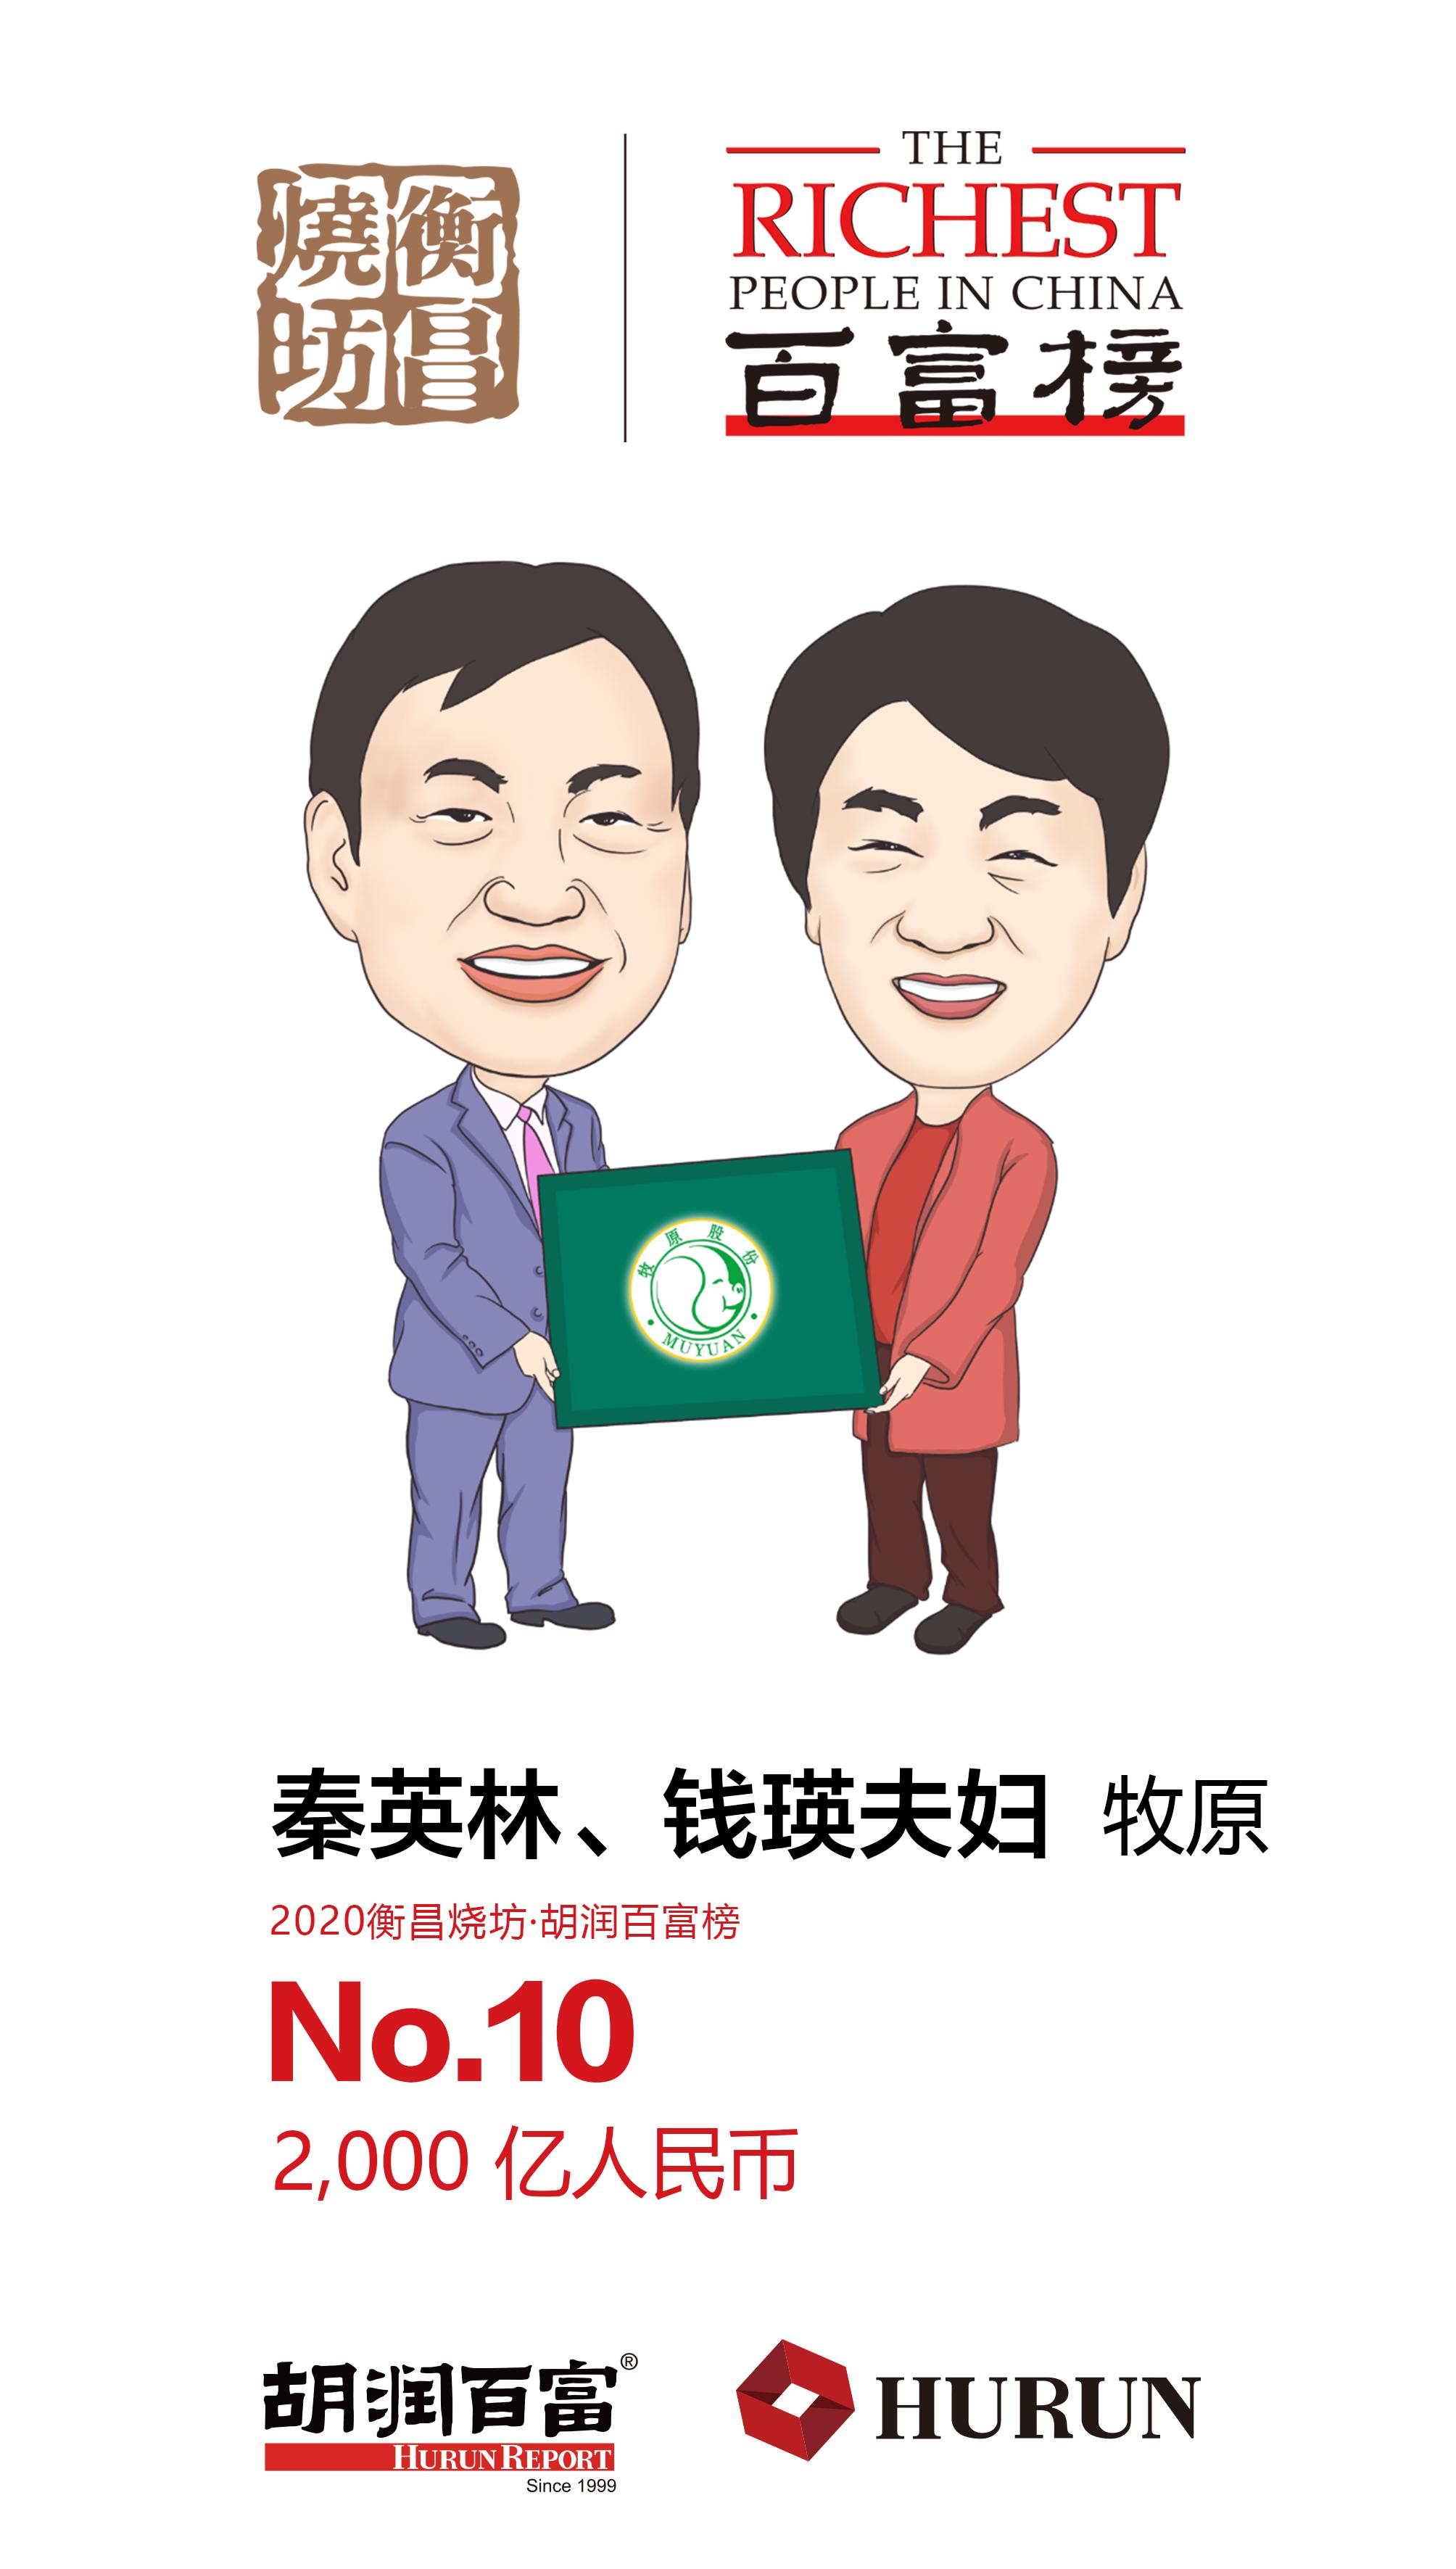 10秦英林、钱瑛夫妇.jpg